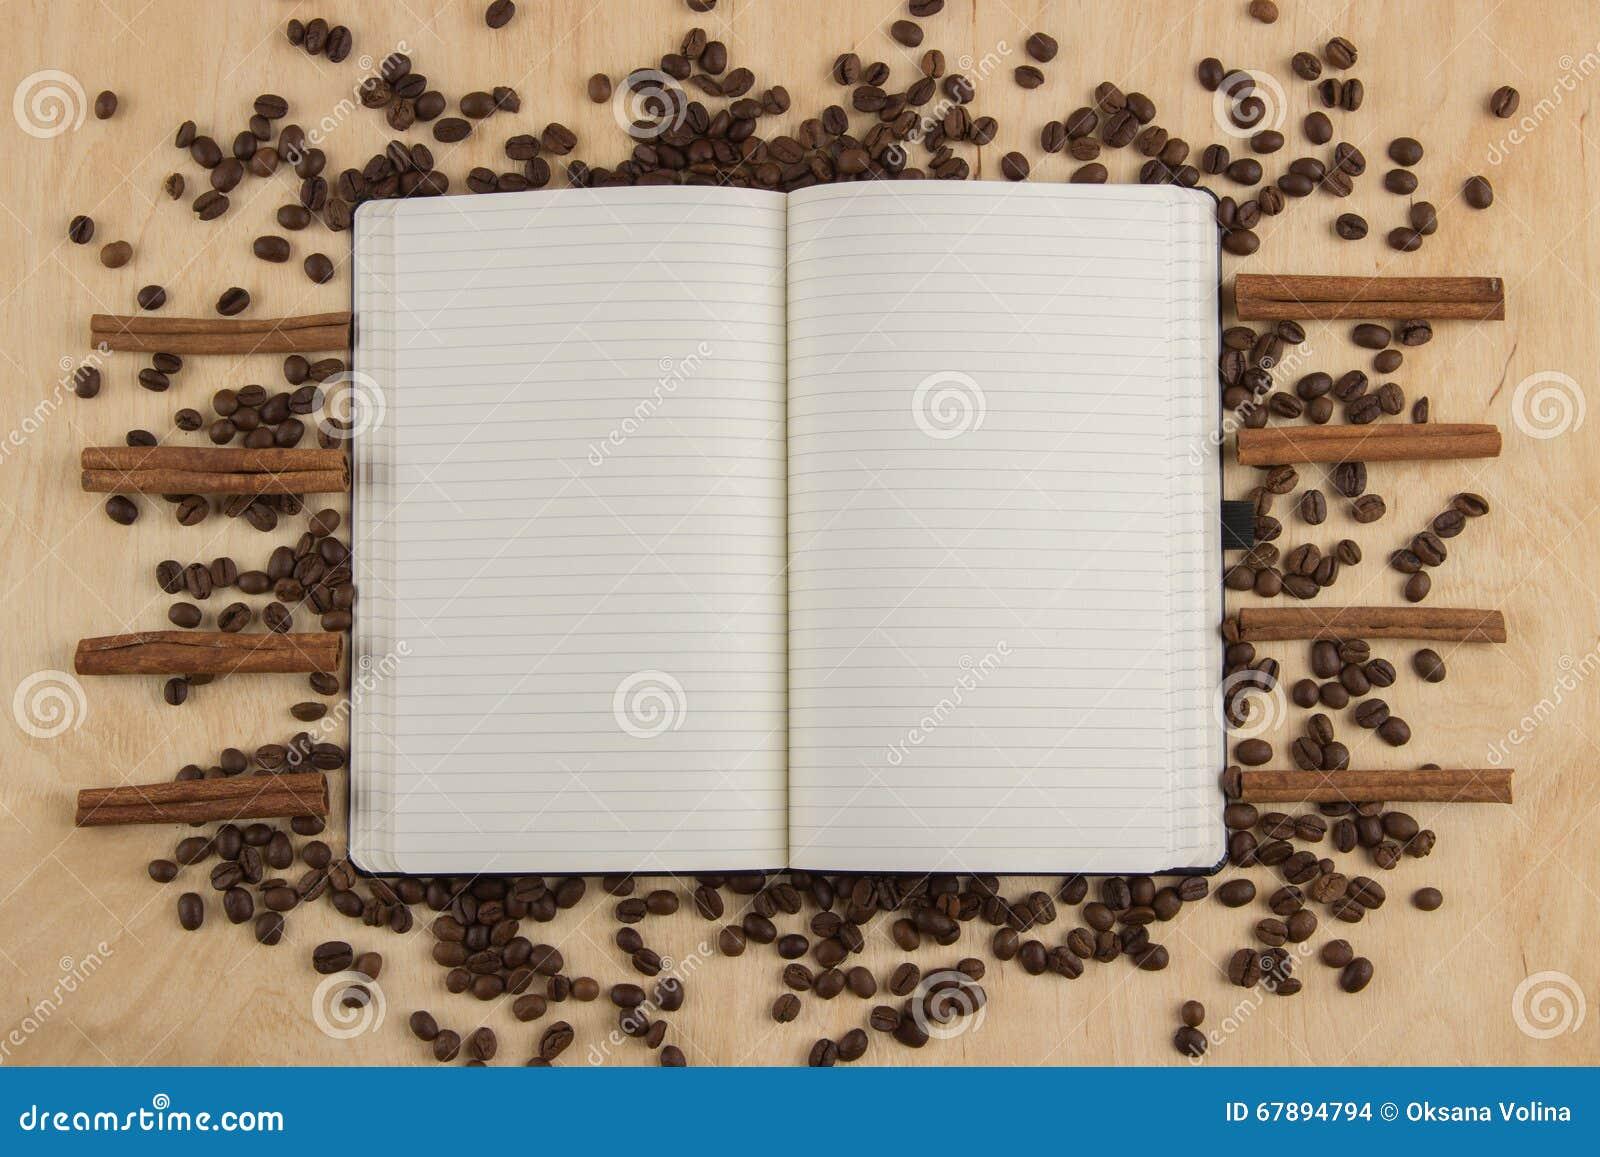 Öffnen Sie Notizbuch mit gezeichneten Seiten auf einer Tabelle, auf der zerstreut werden